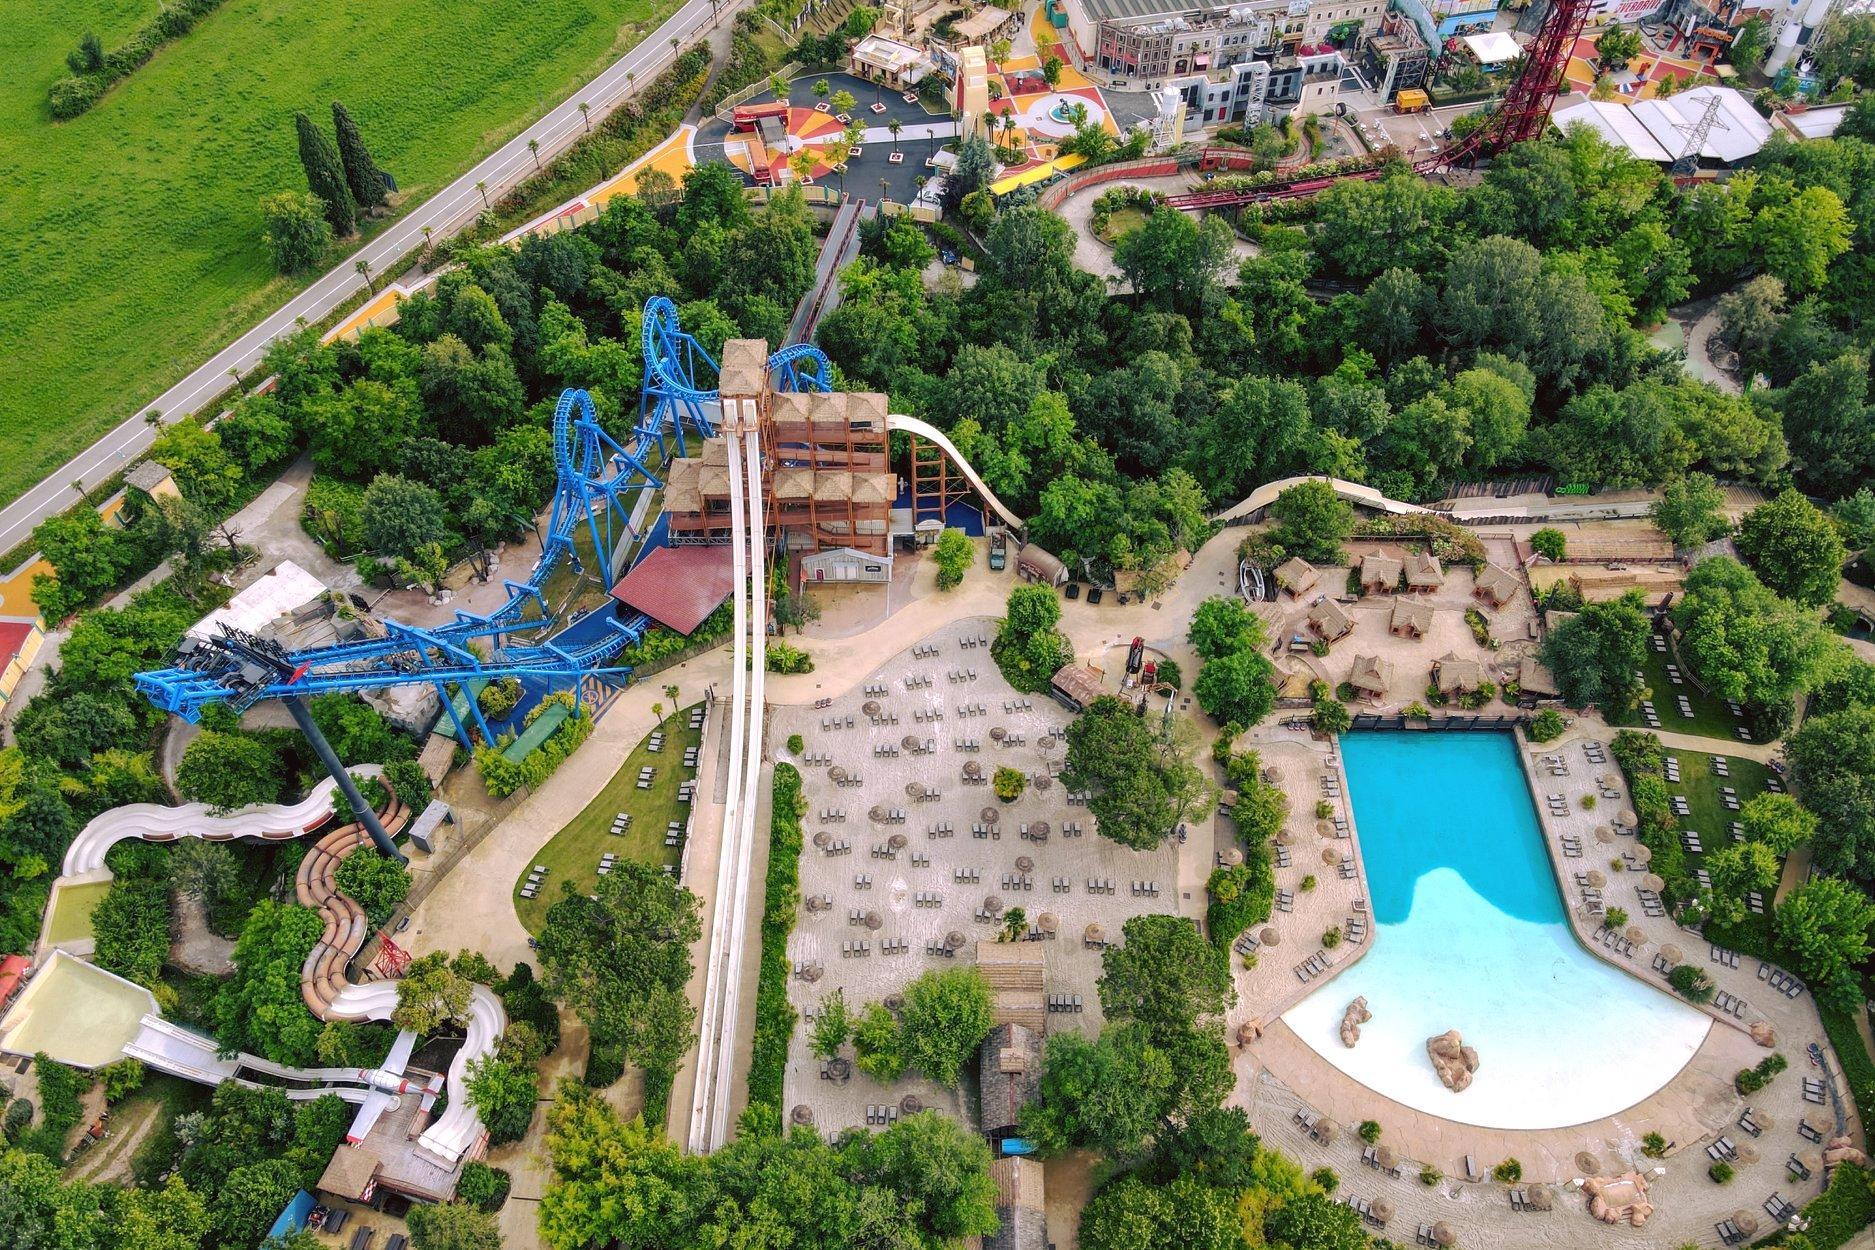 I Parchi Divertimento del Lago di Garda | Garda Lake's Amusement Parks